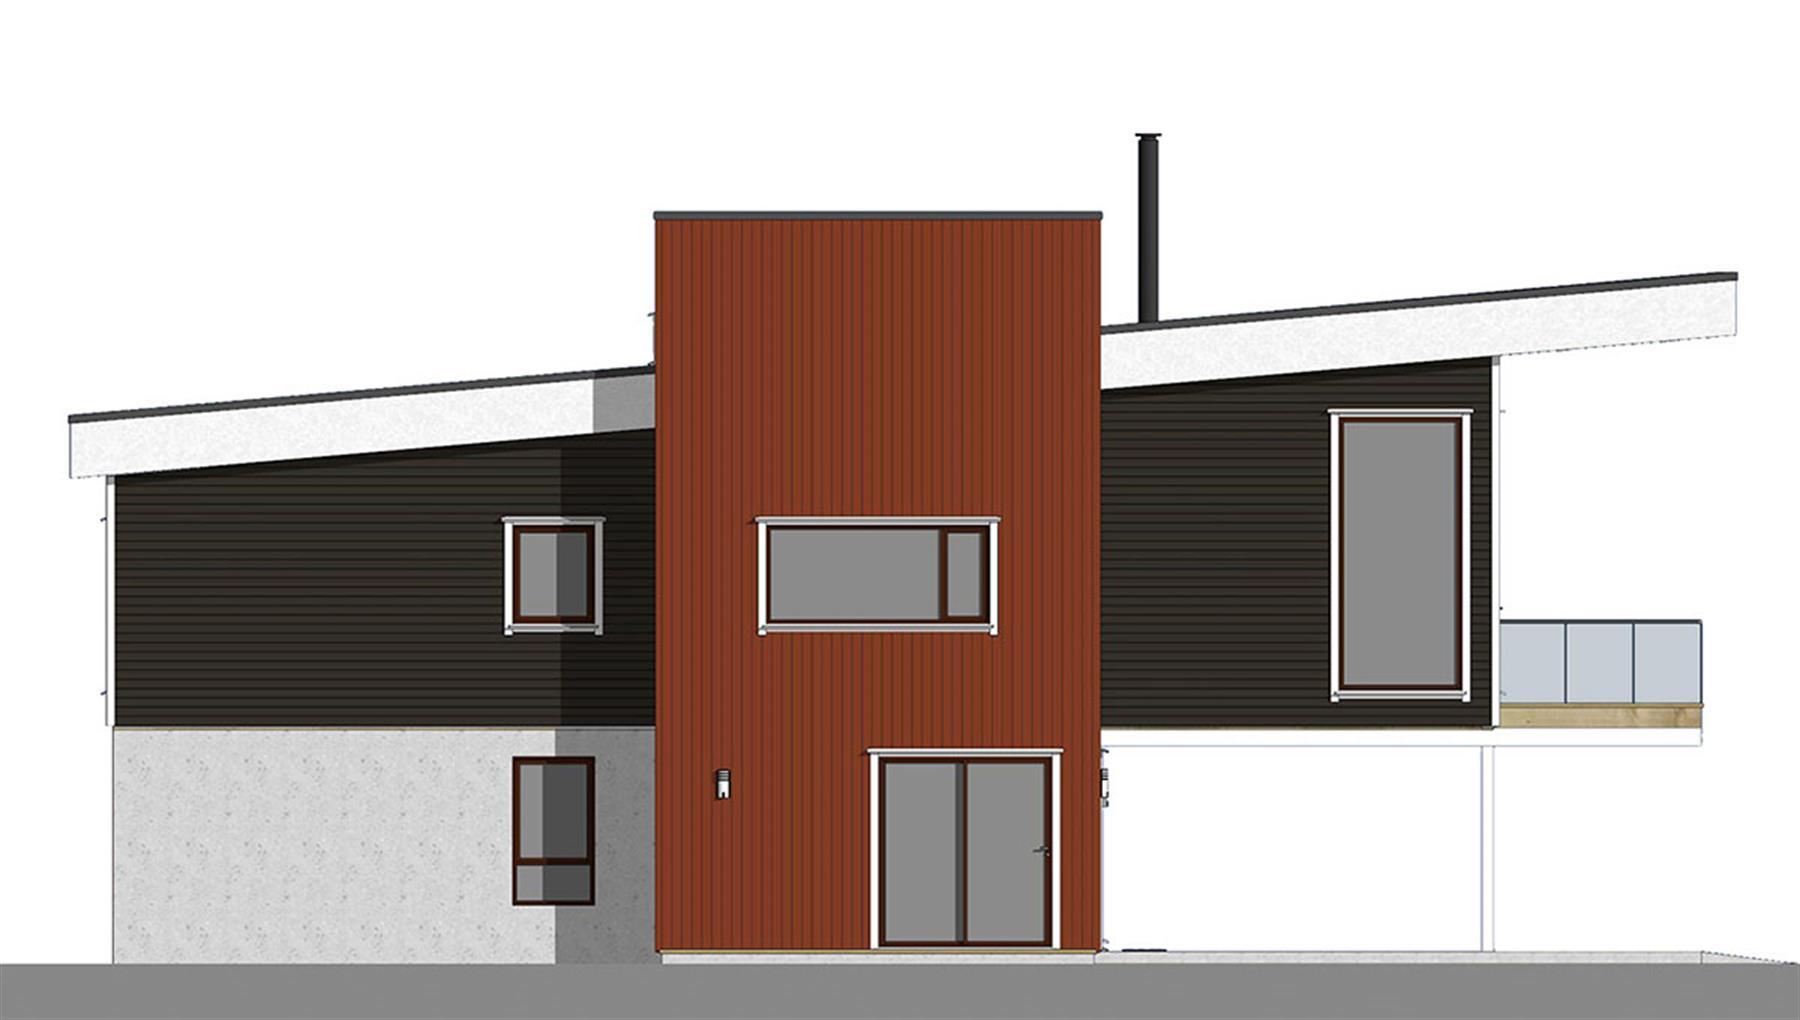 Aspøy fasade 4